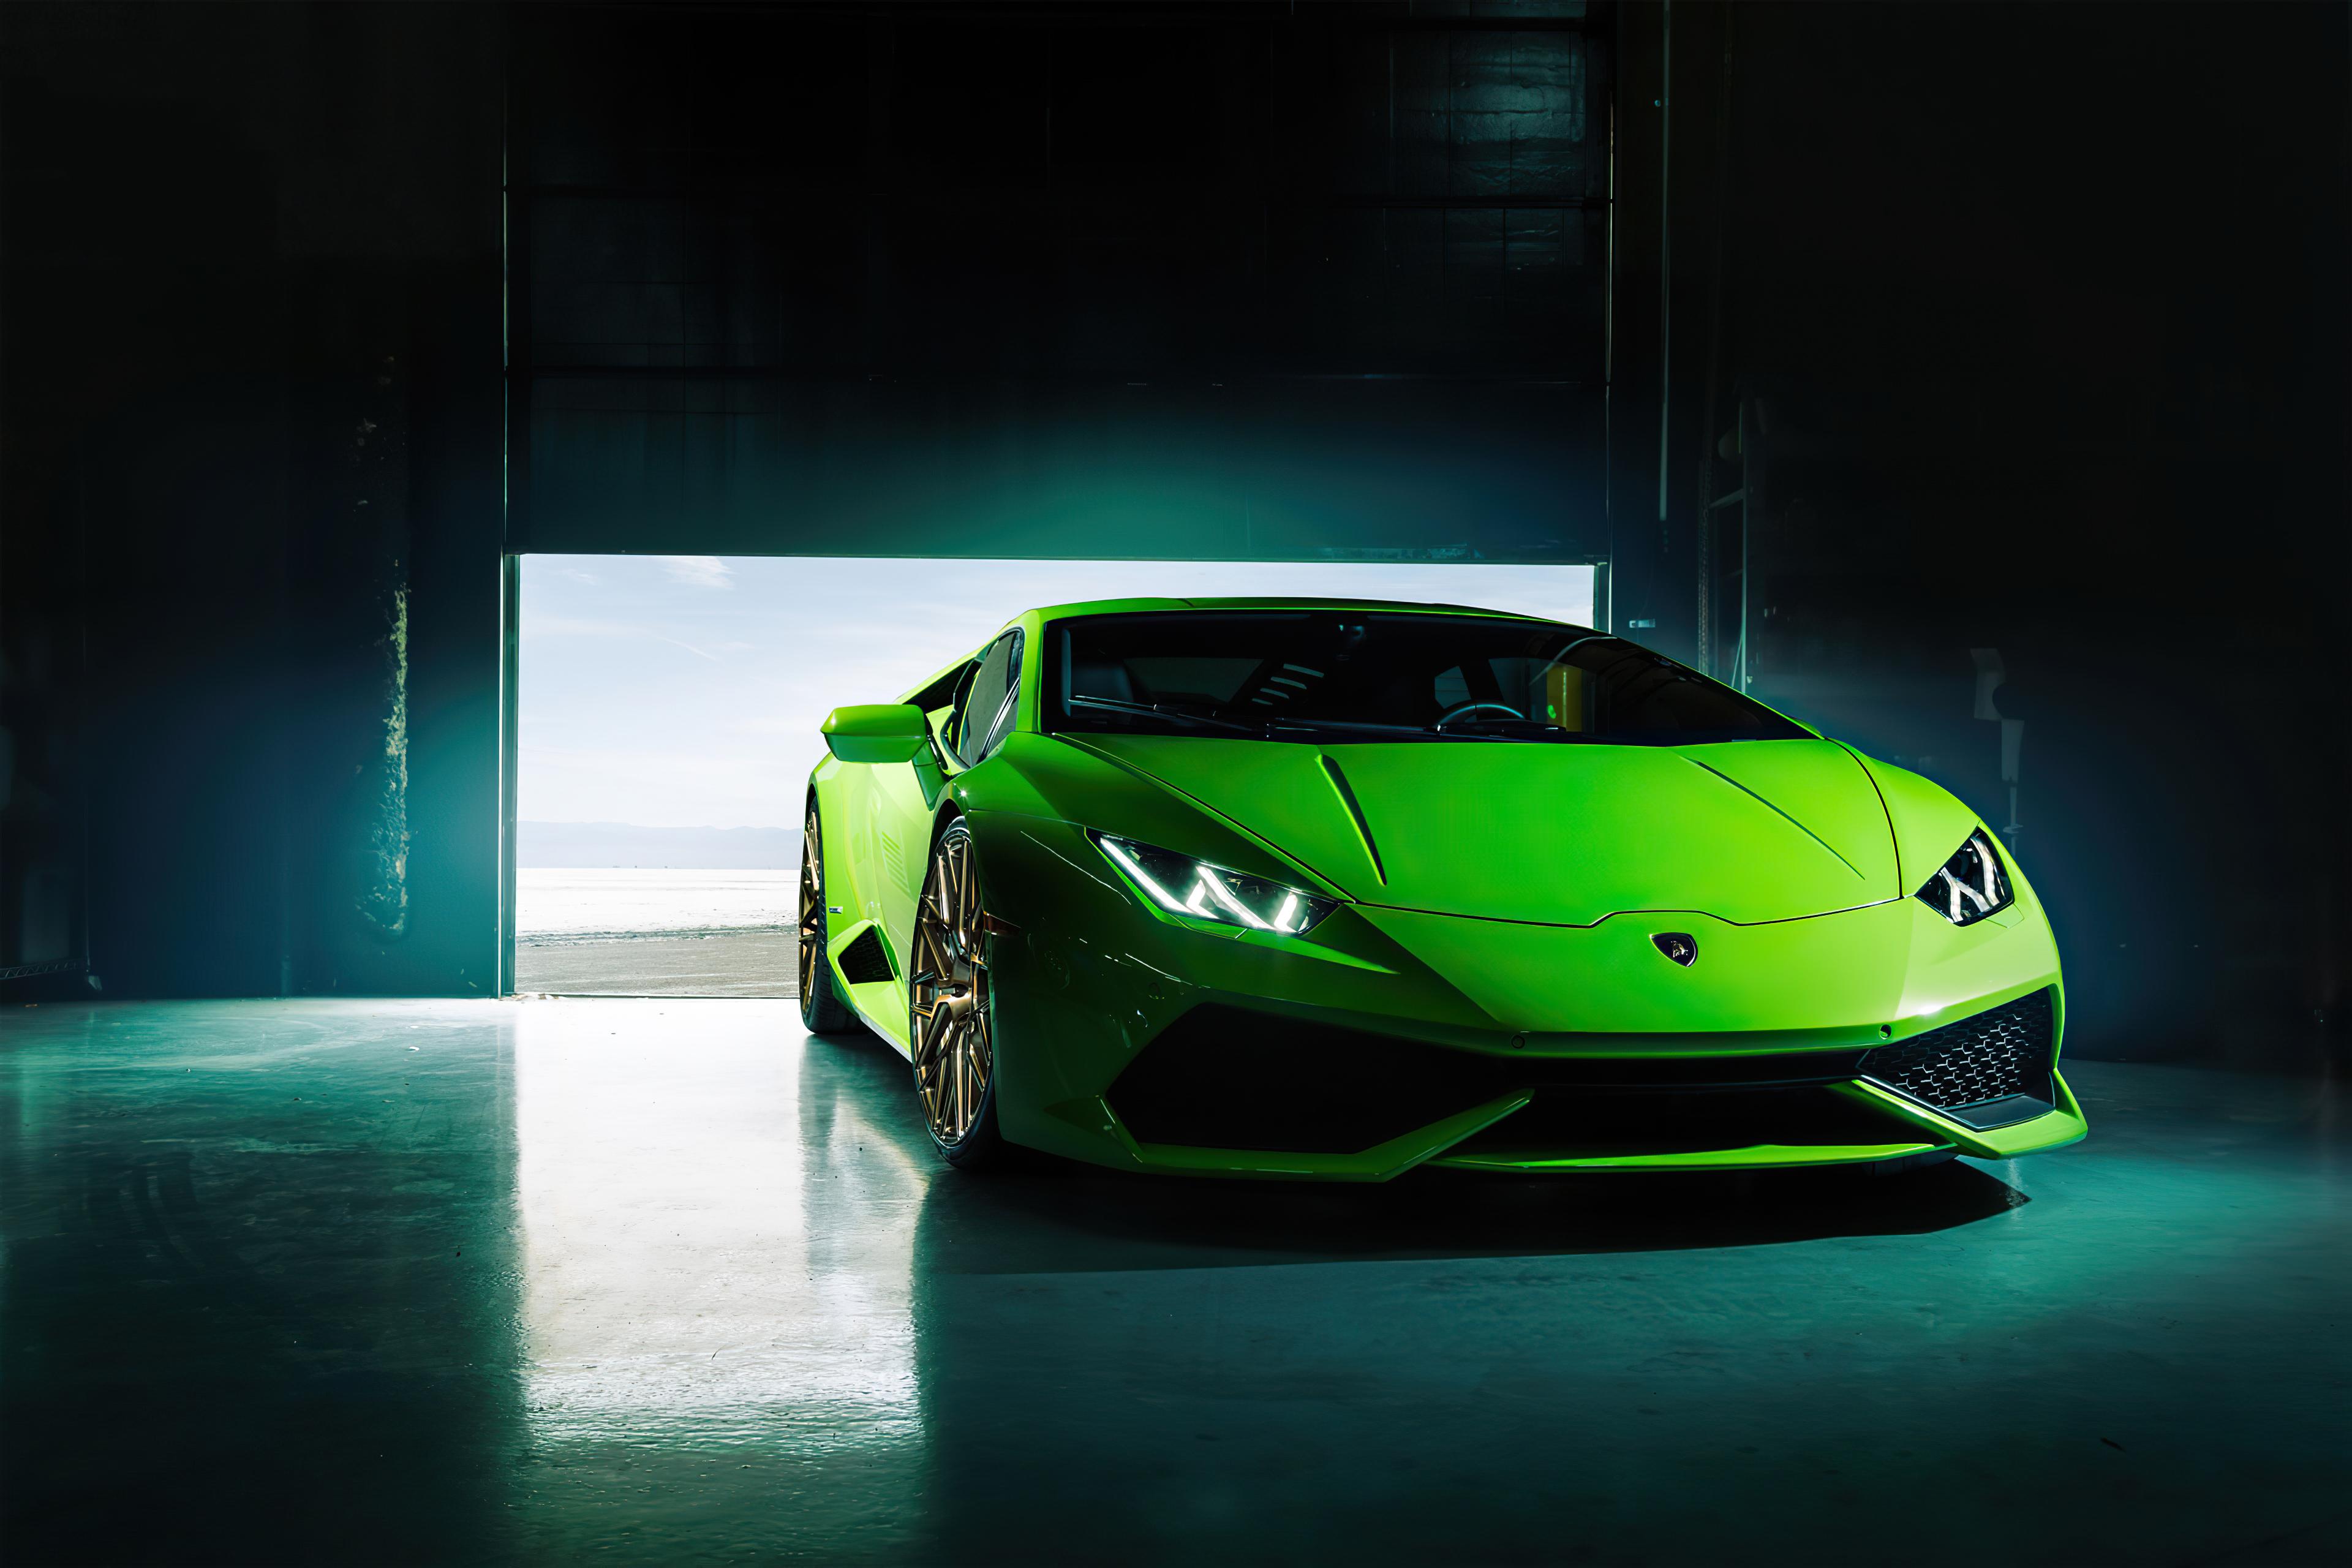 4k Green Lamborghini Huracan 2020, HD Cars, 4k Wallpapers ...